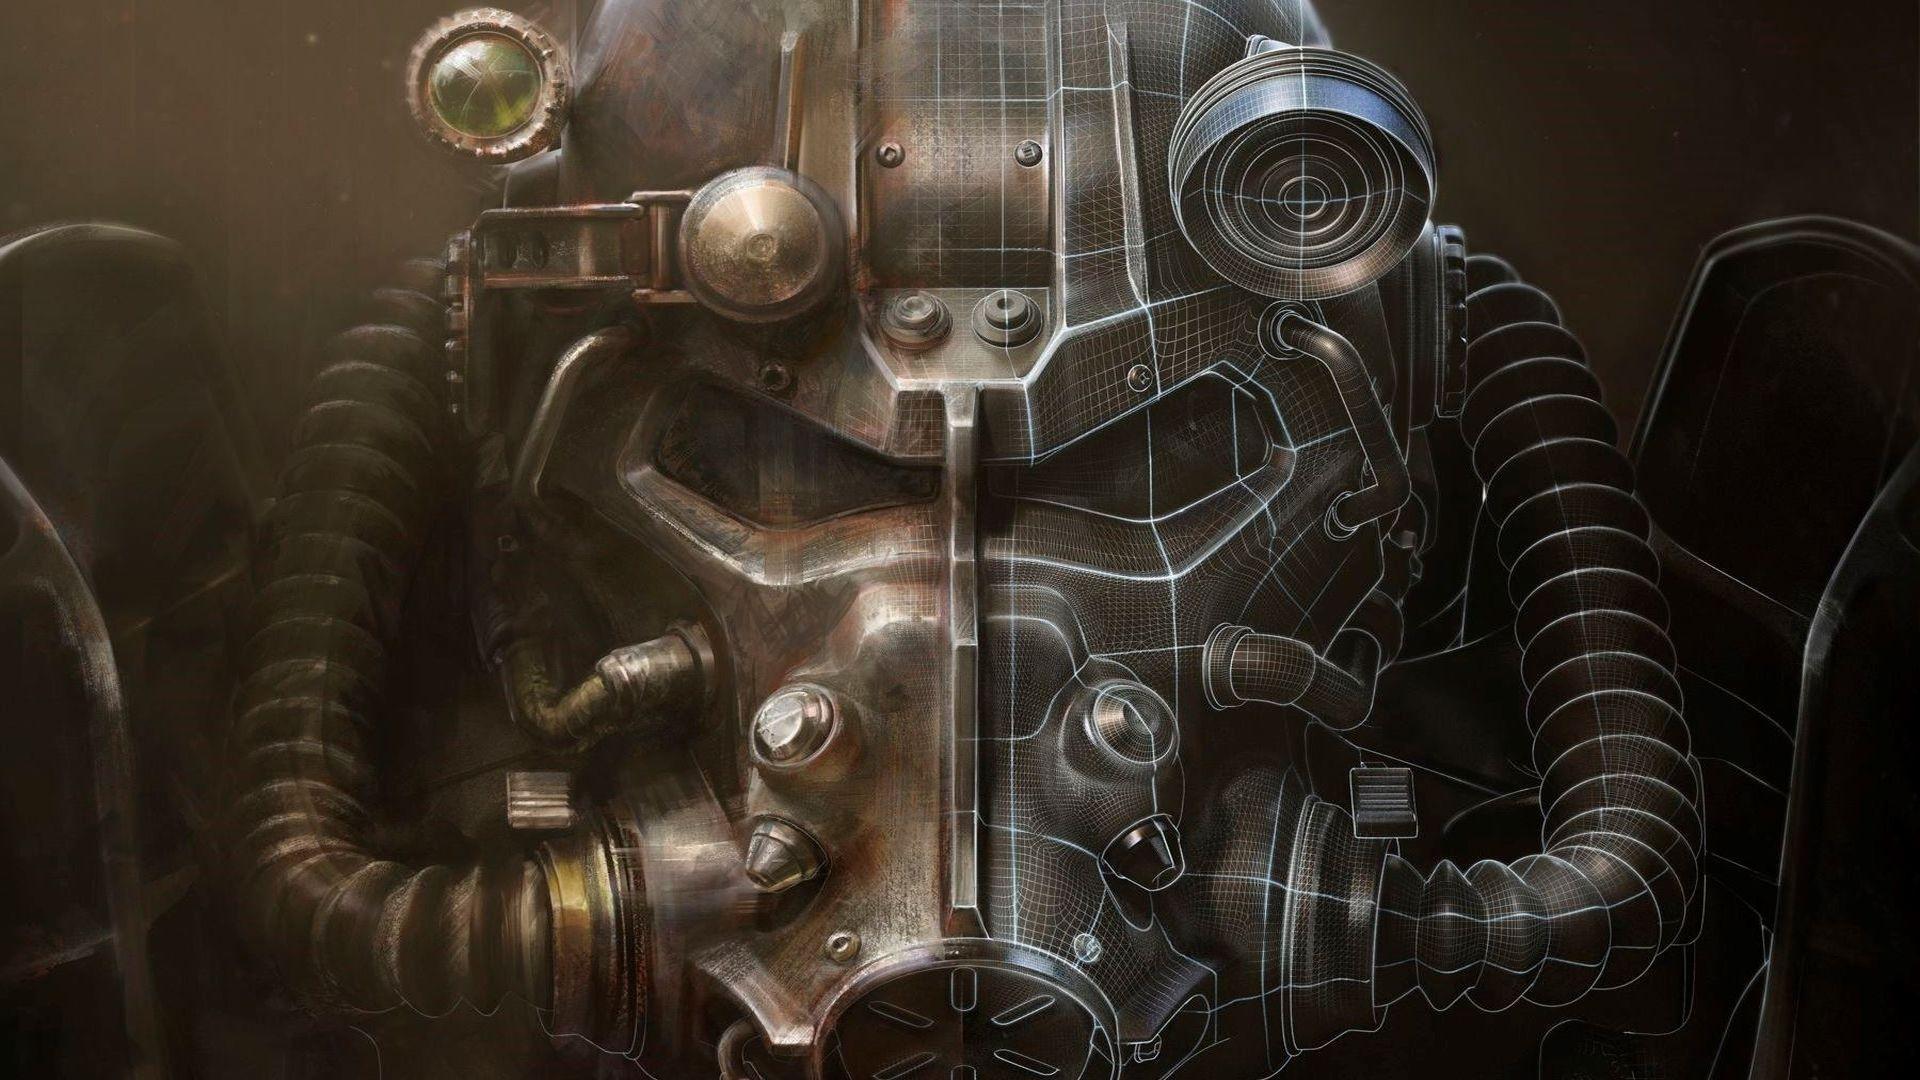 【ロイヤリティフリー】 Fallout4 壁紙 - 検索された人気のHD壁紙